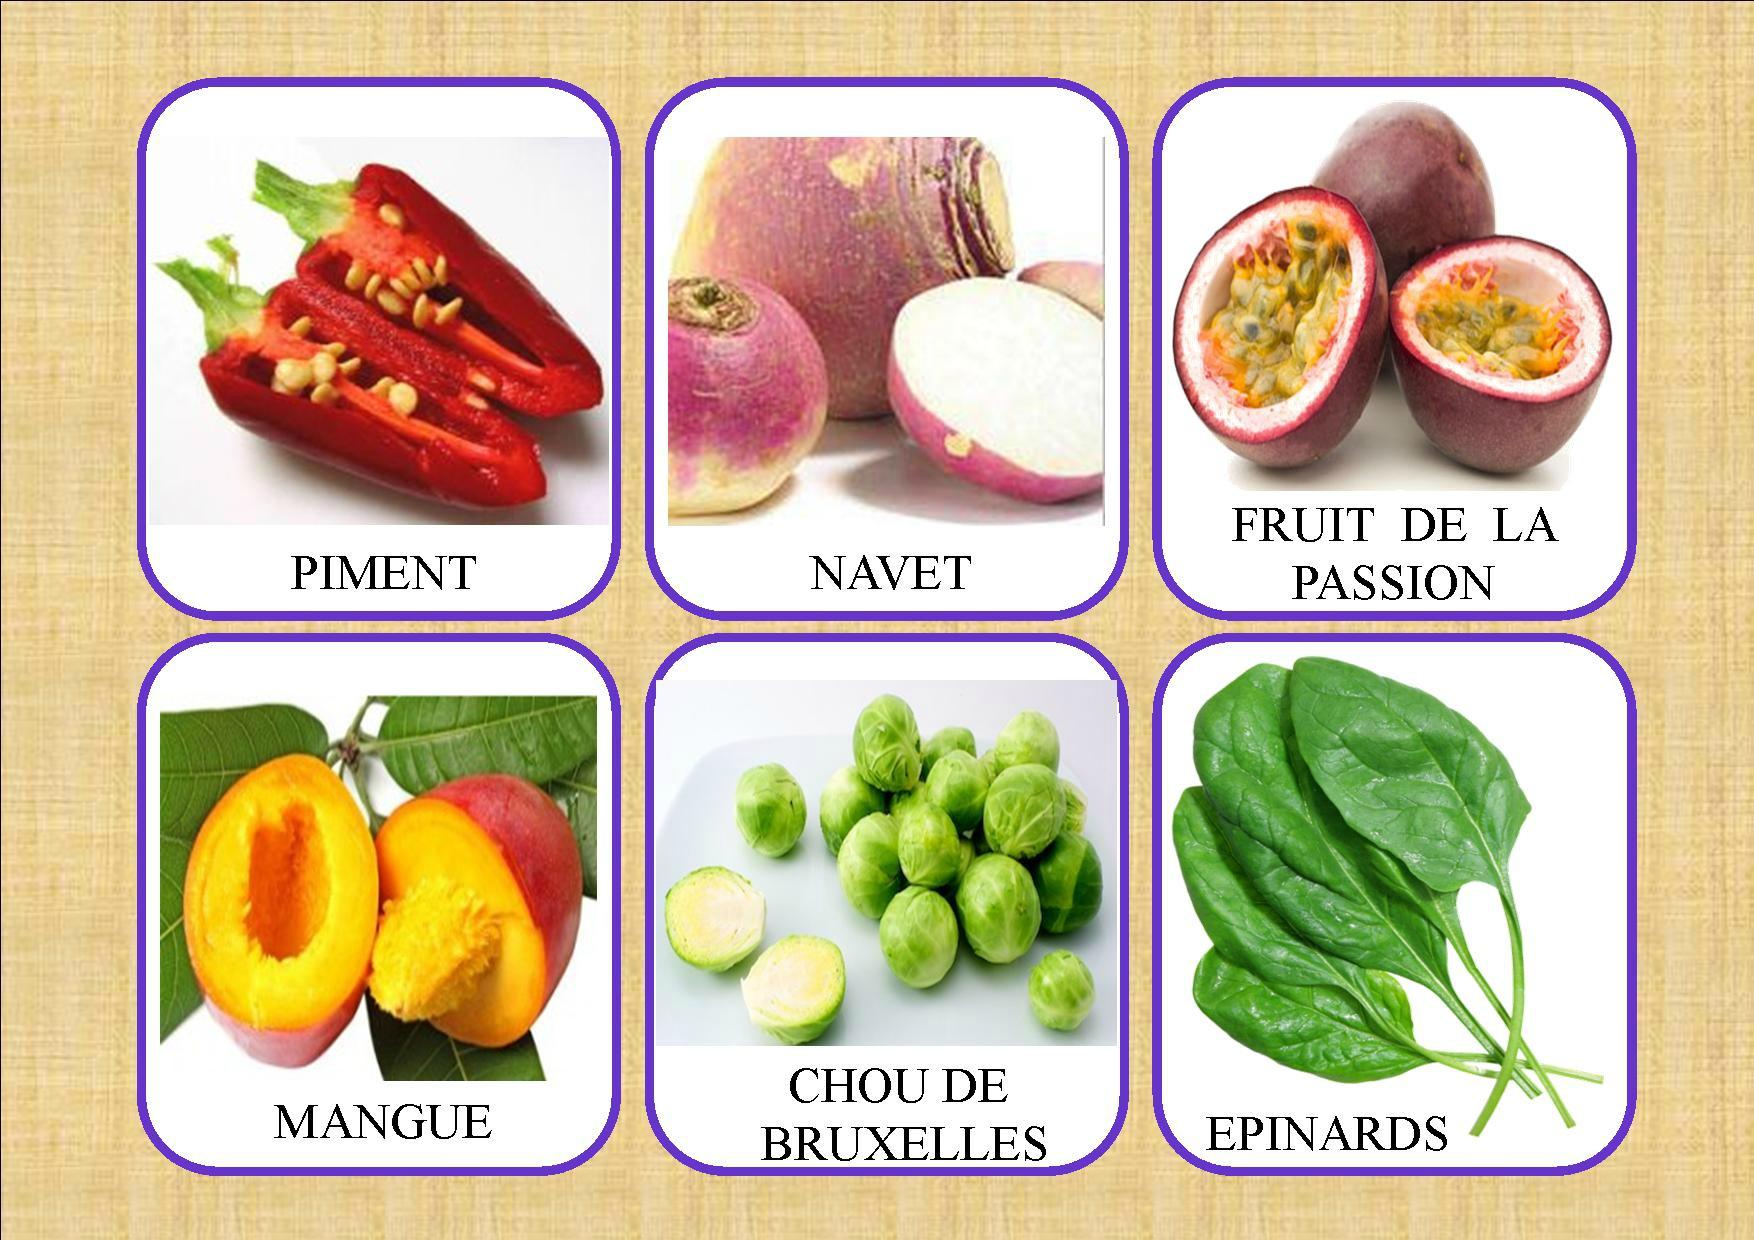 Loto Des Fruits Et Légumes - La Classe De Mamaicress tout Jeux De Fruit Et Legume Coupé